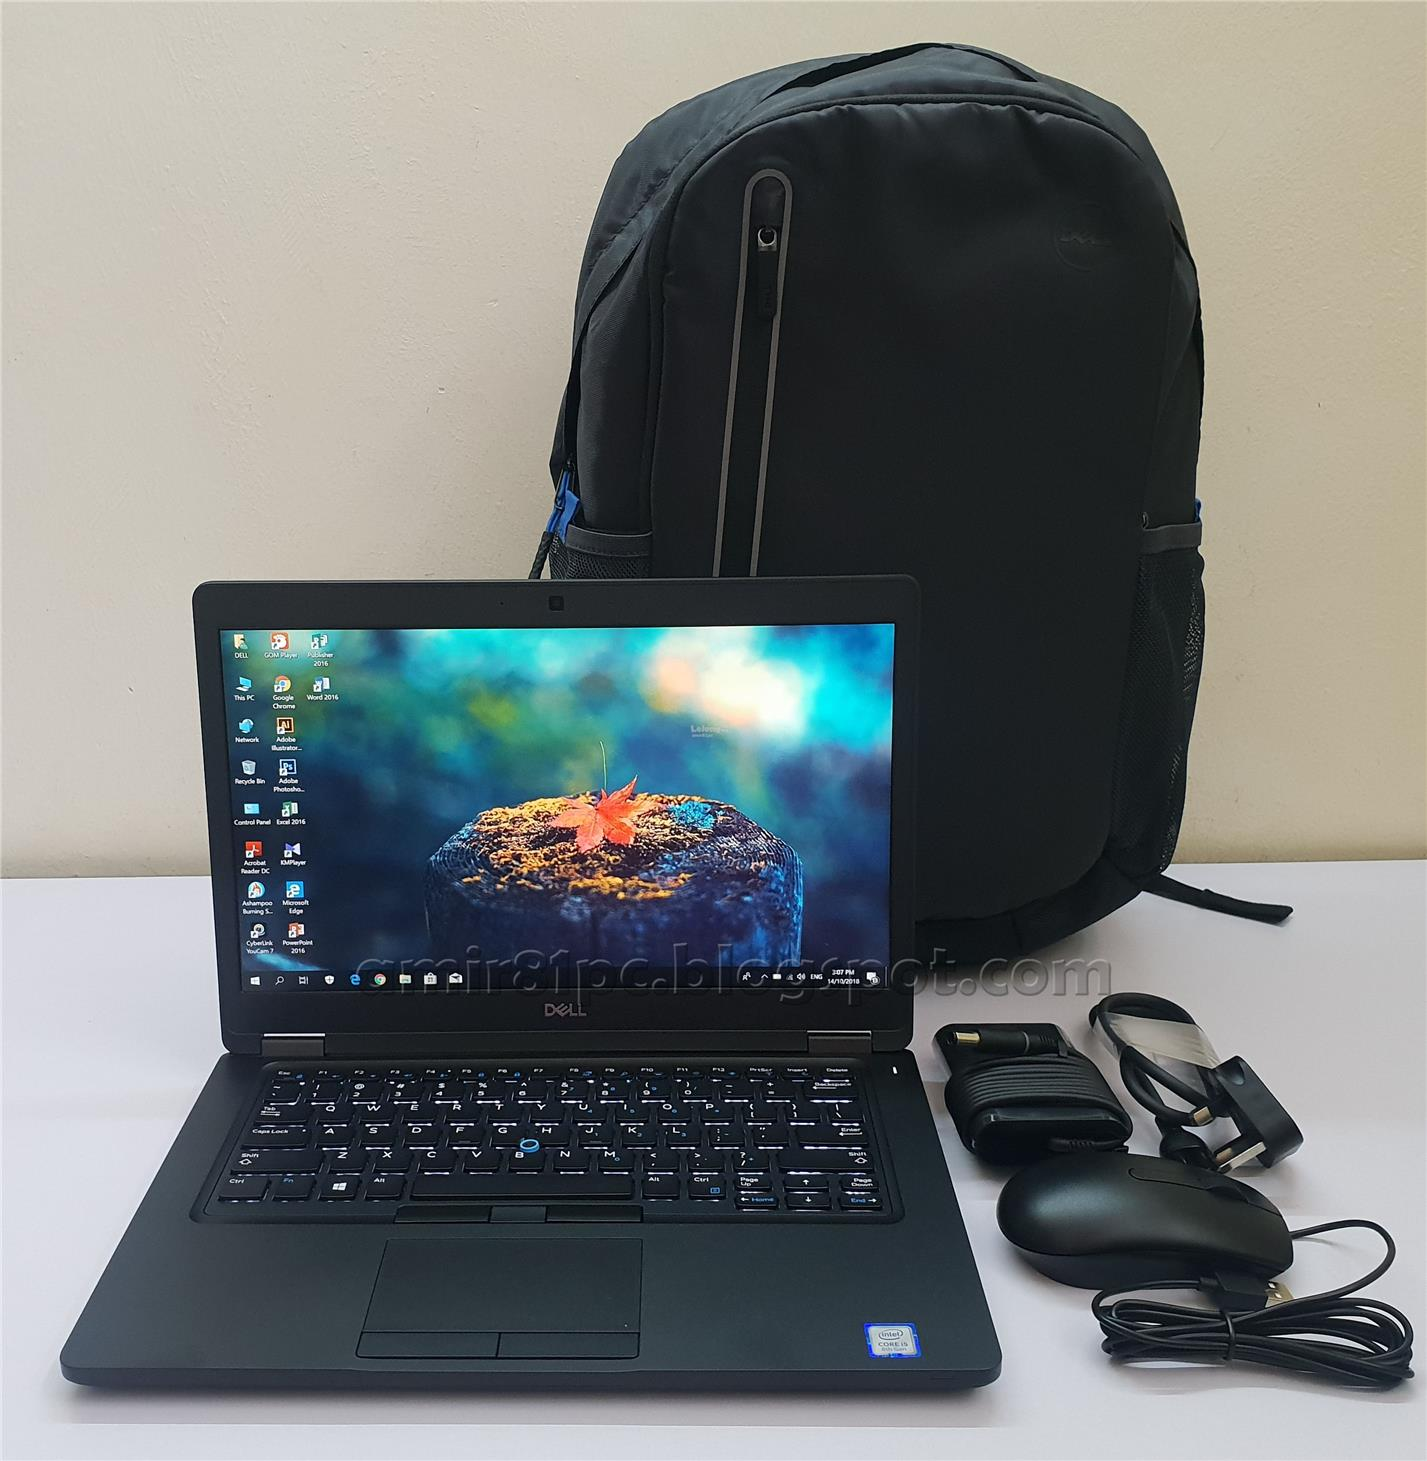 d55f9873b12 NEW OPEN BOX Dell Latitude 5490 / 8th Gen Core i5 Max 3.6GHz/256GB. ‹ ›